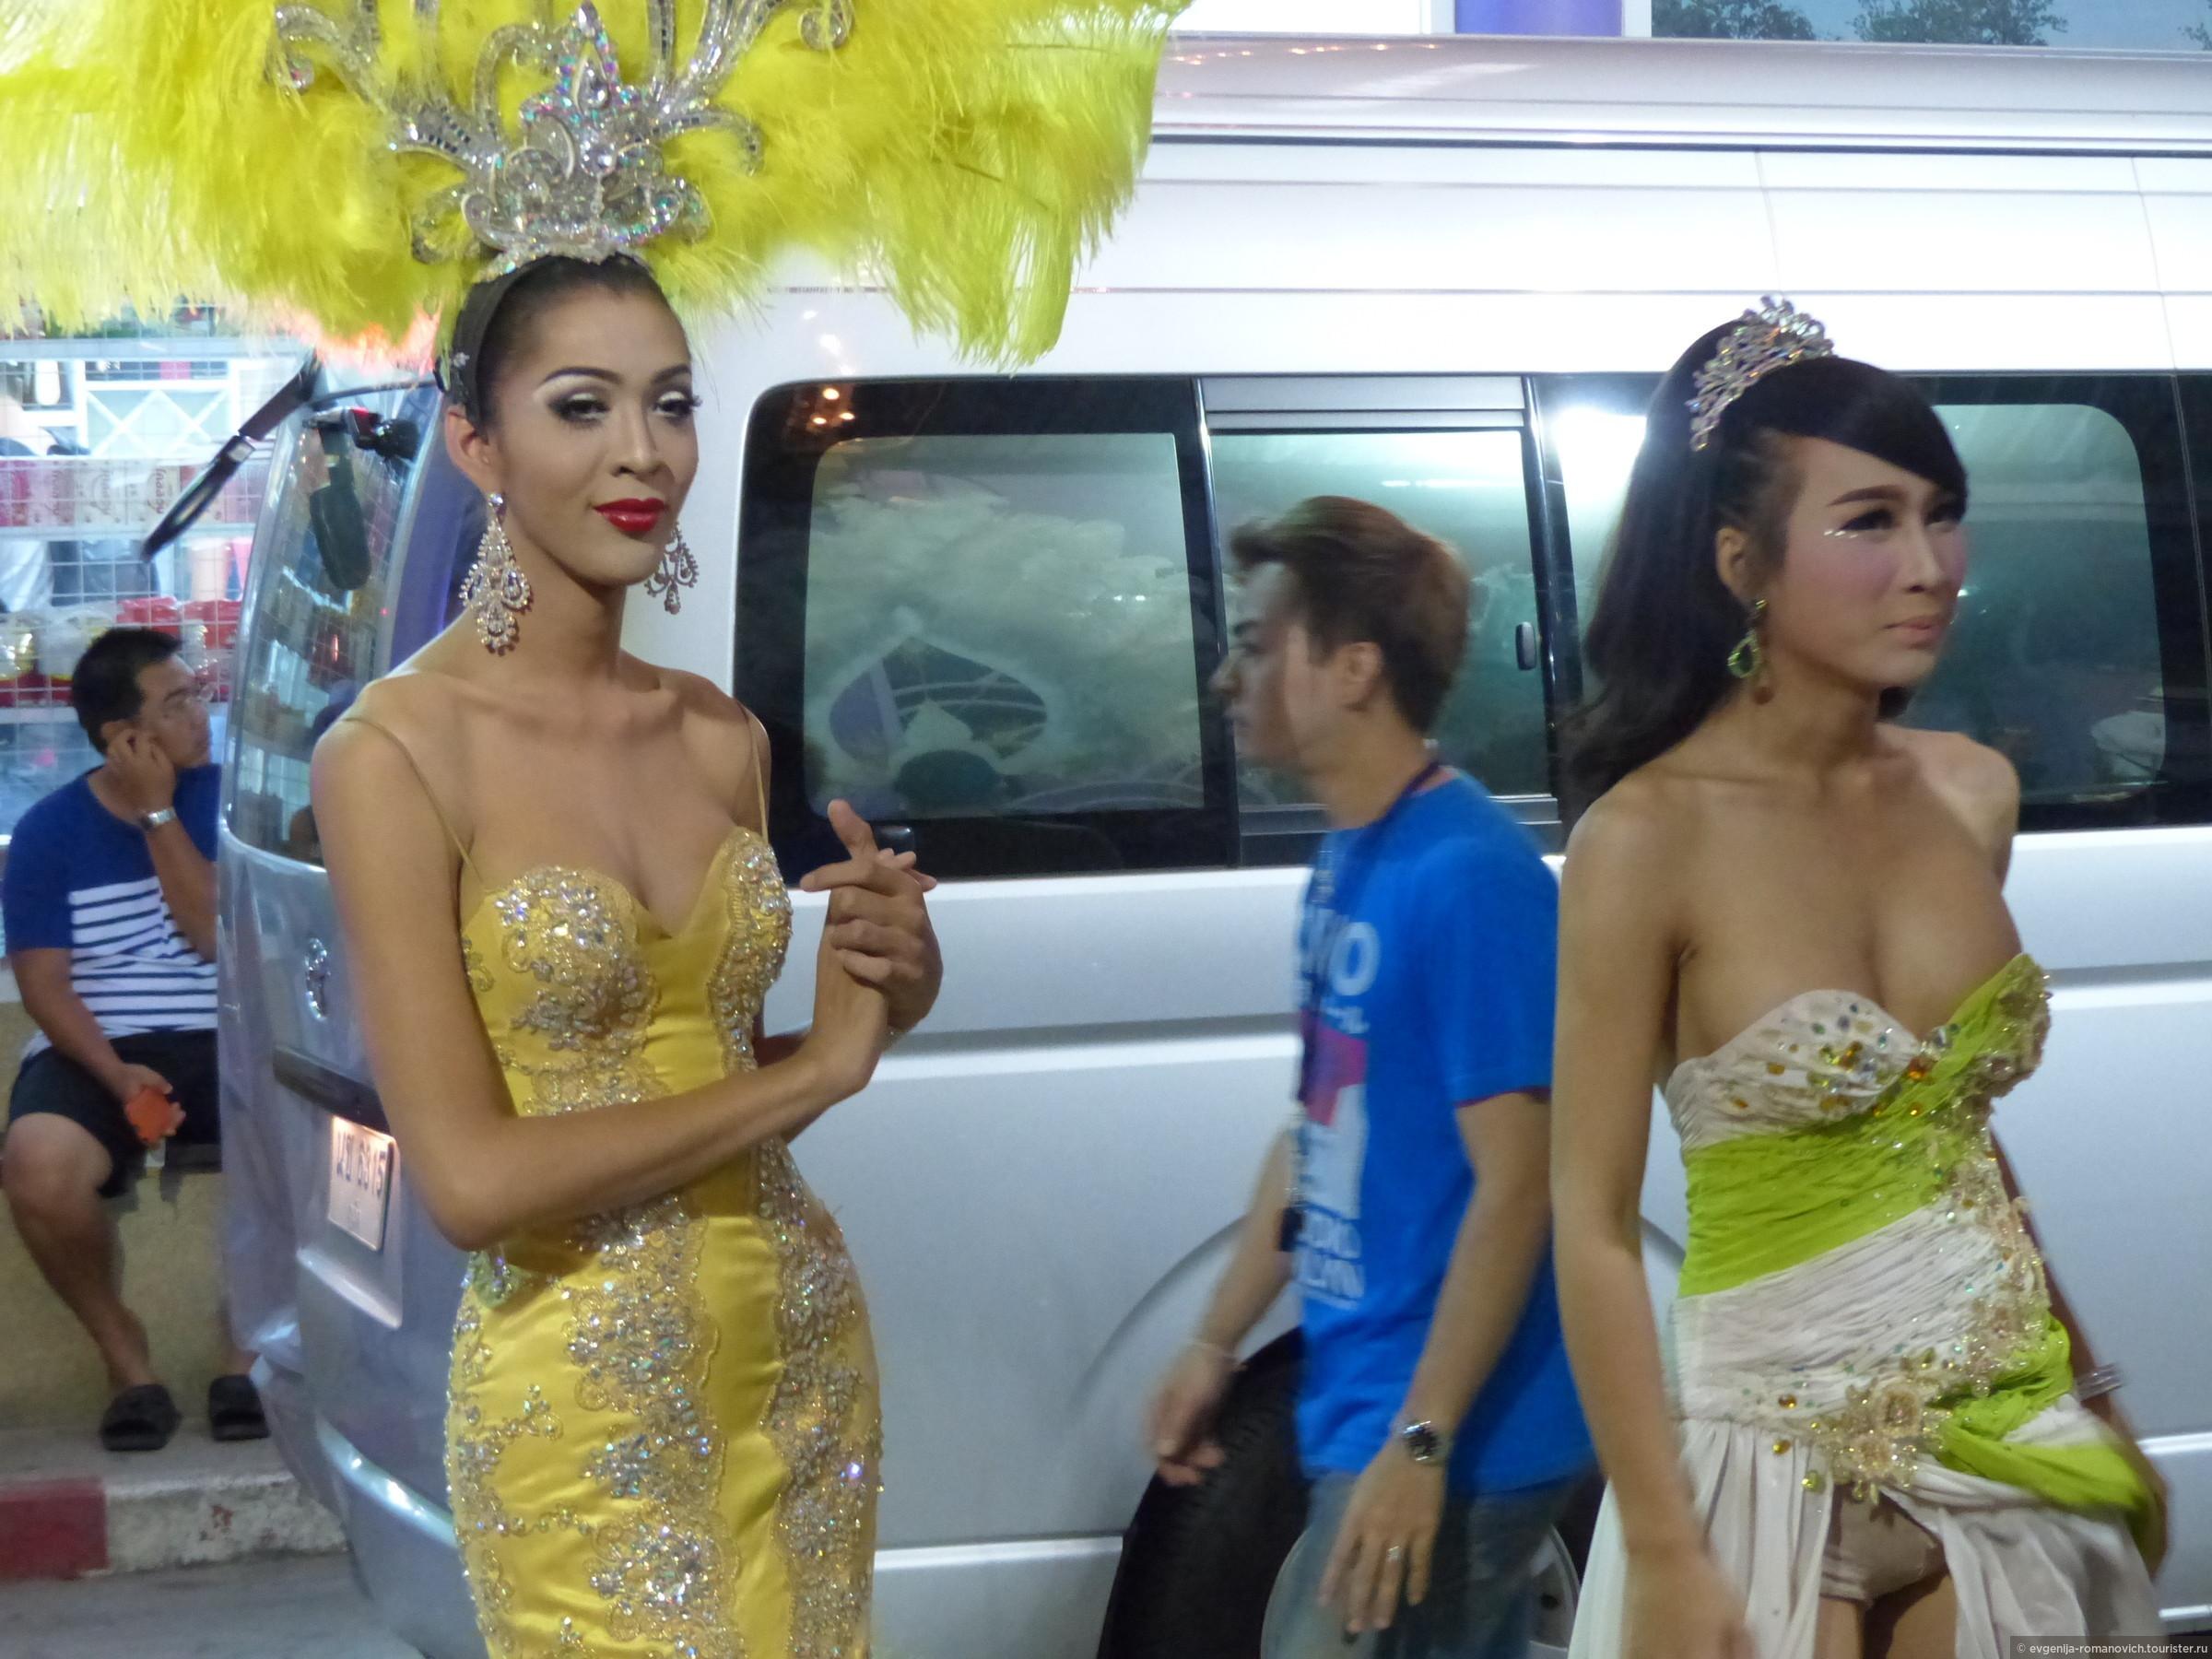 Порно фото проституток трансвеститов